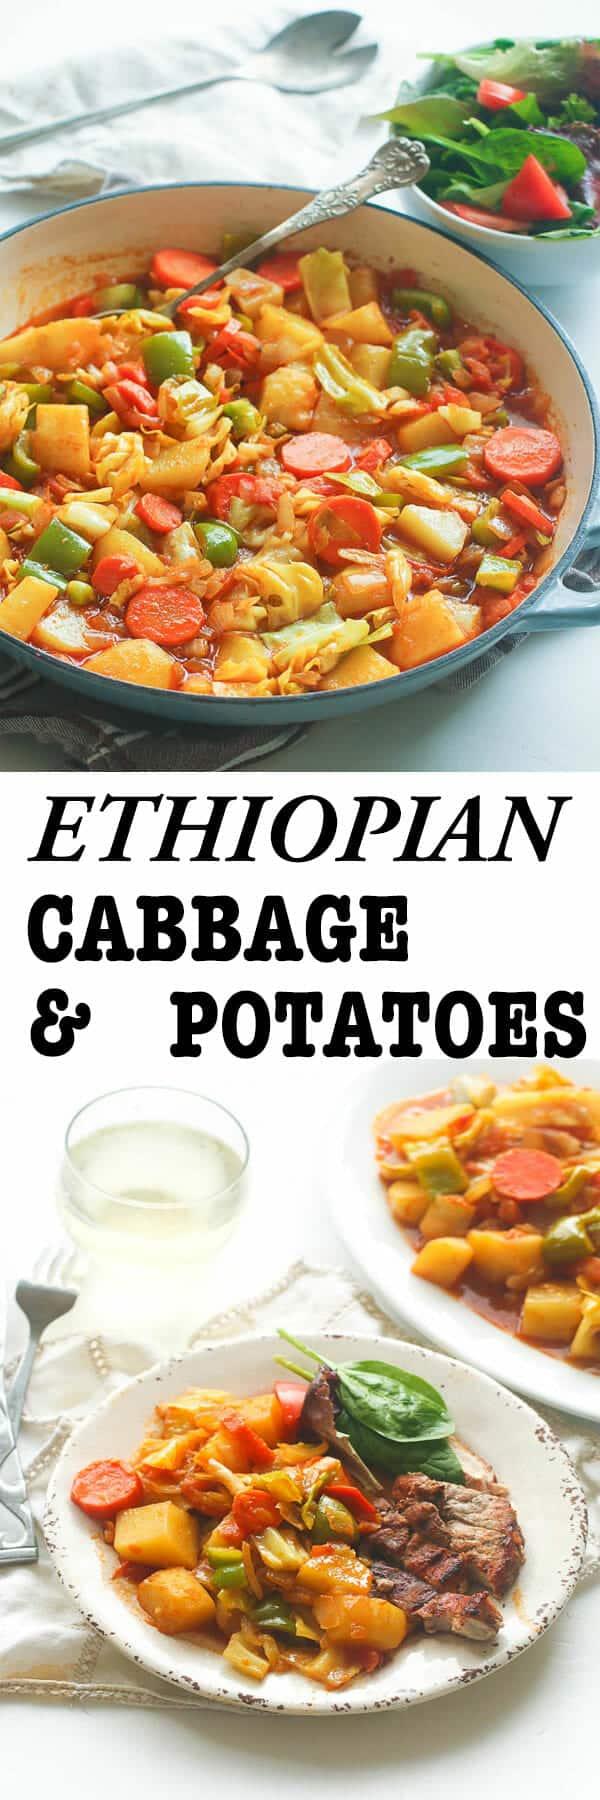 ETHIOPIAN-CABBAGE